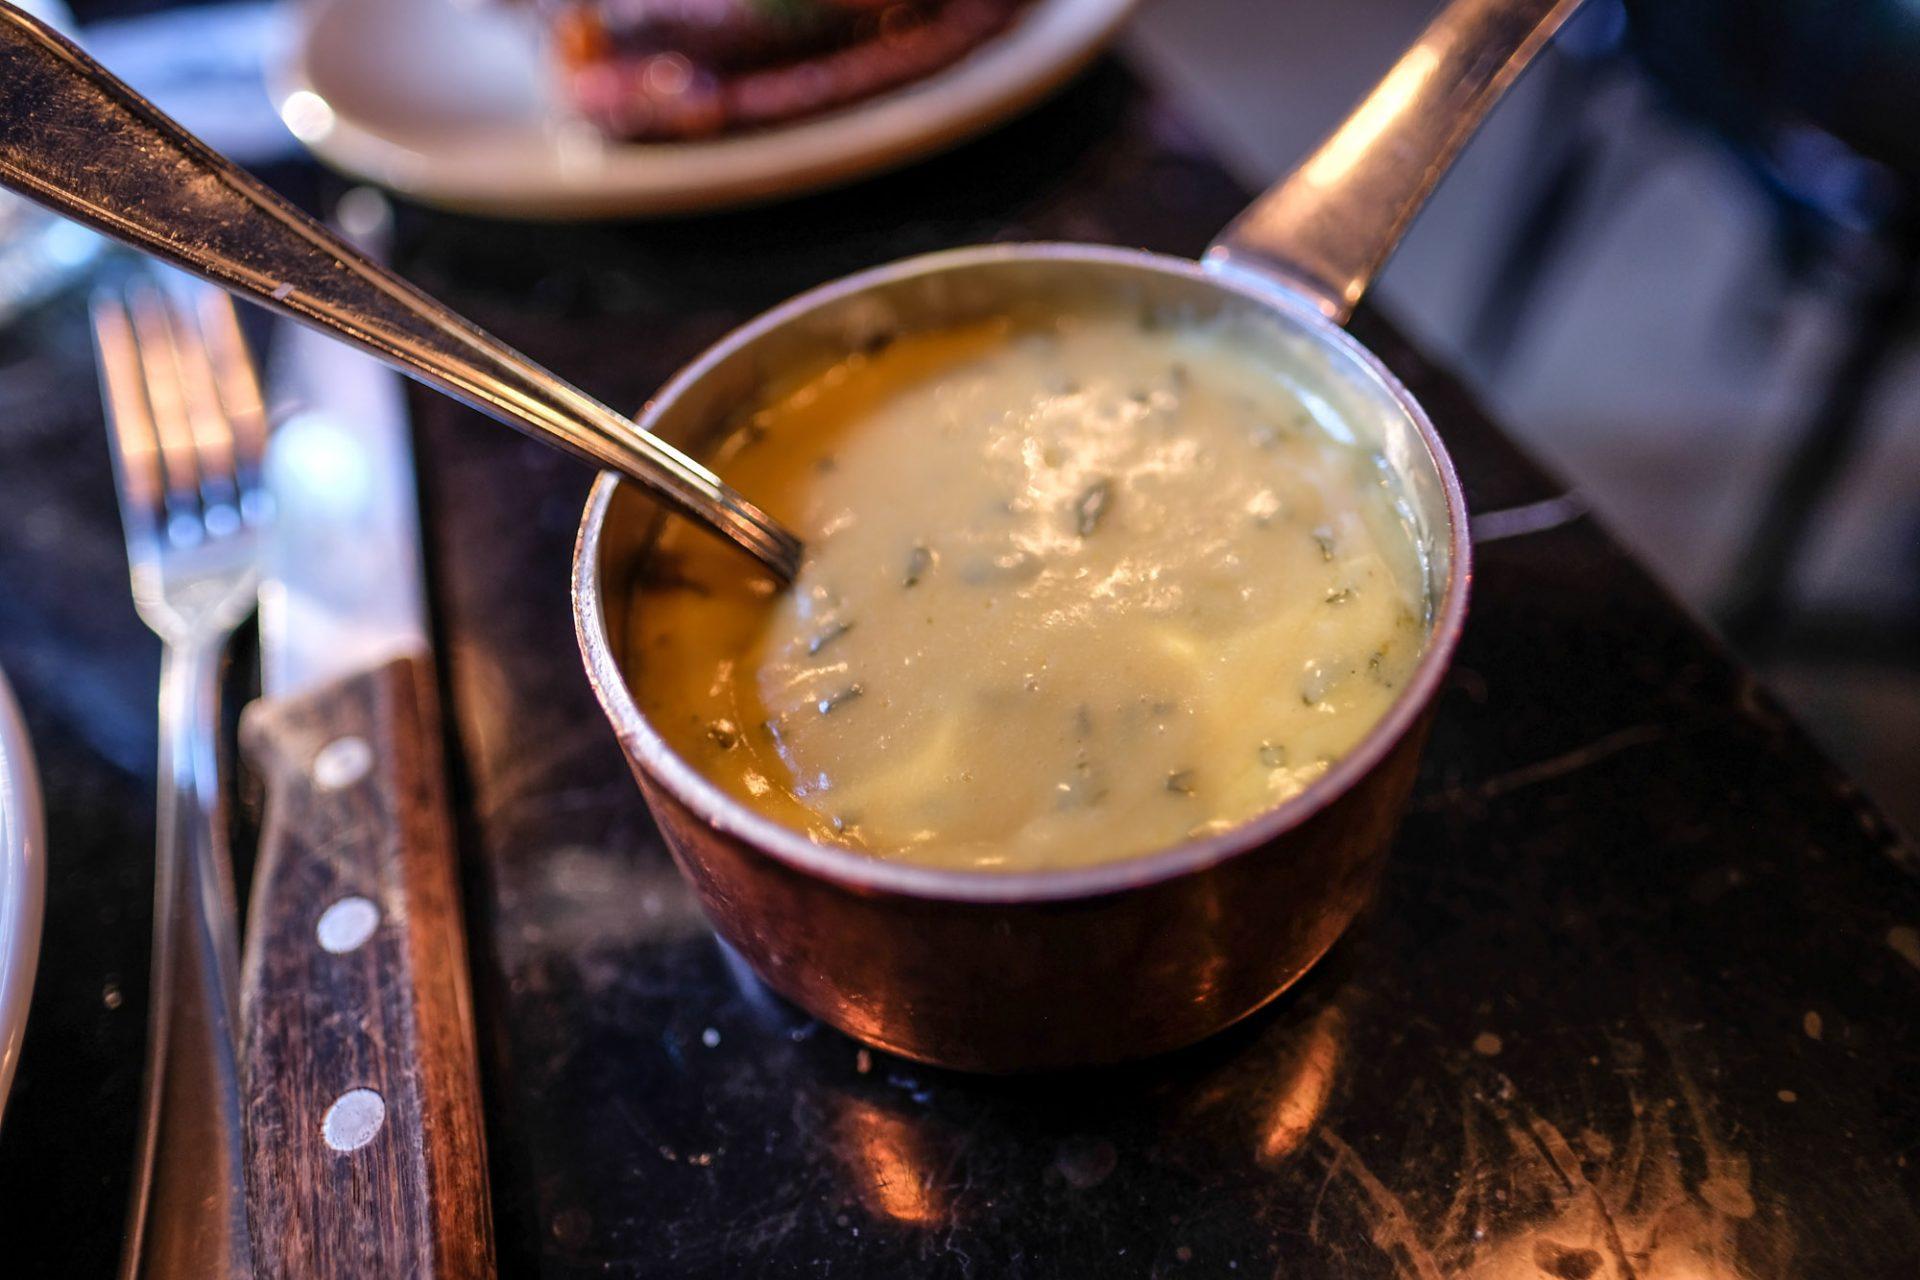 Sunday Roast: Retour Steak scorer højt på to retter til 225 kroner